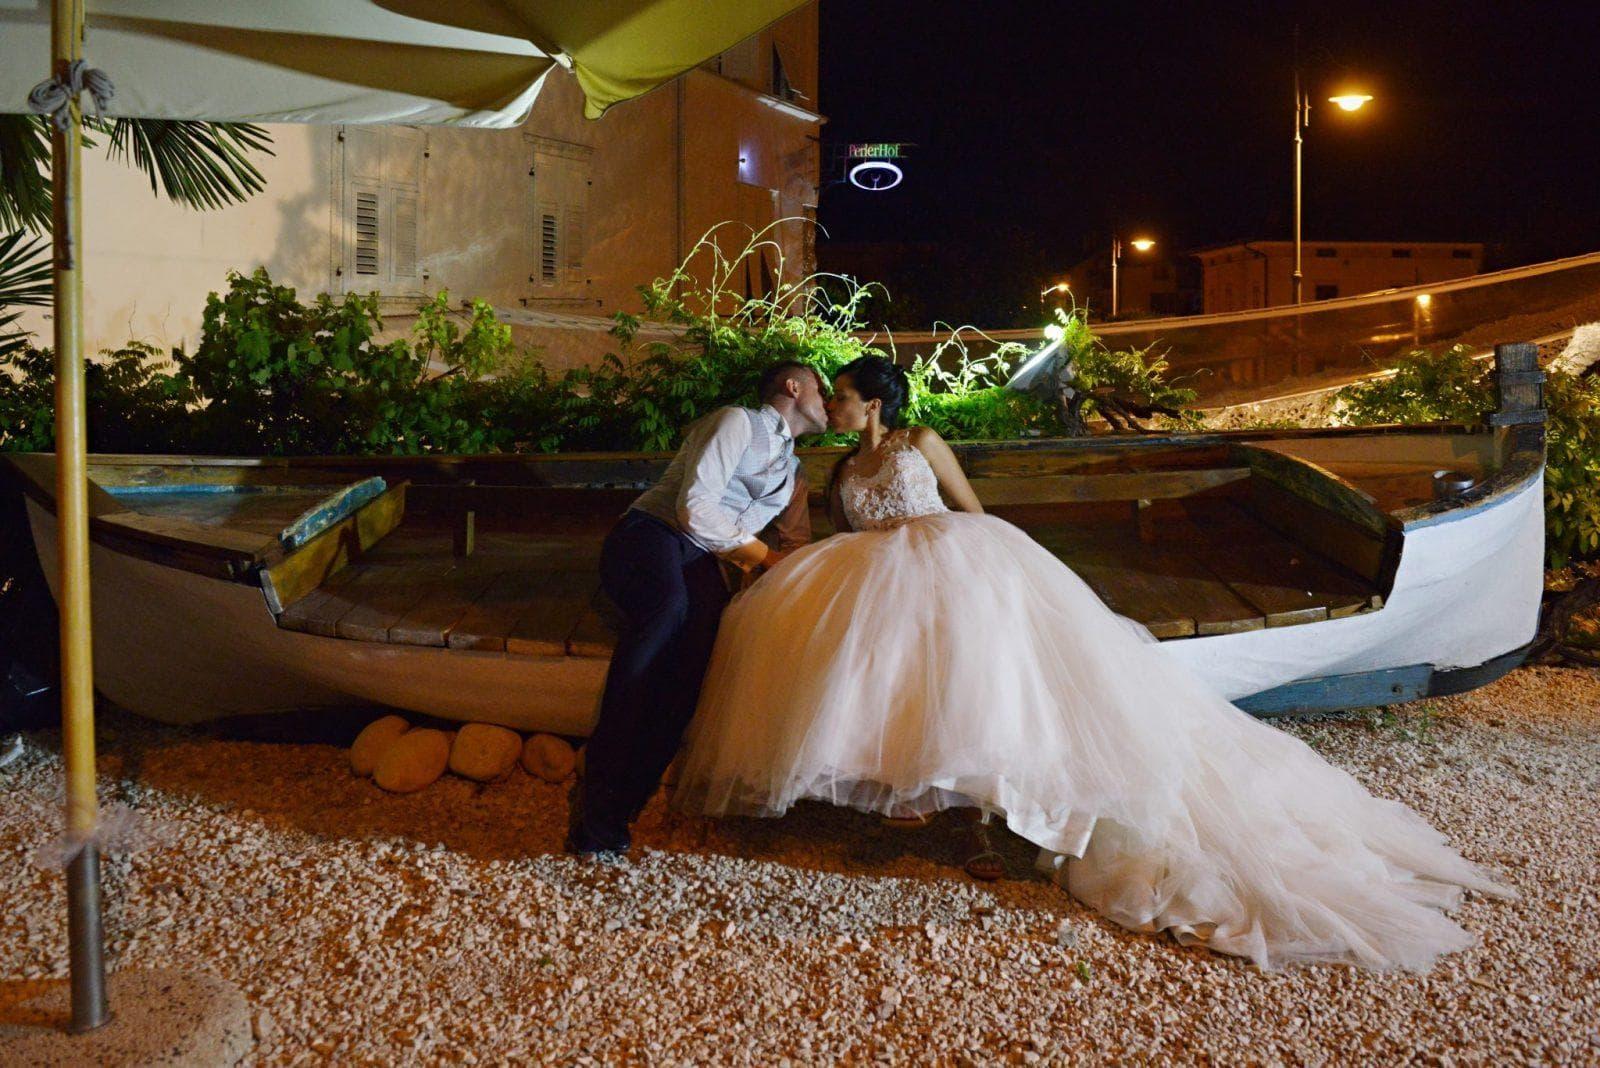 sposi sulla barca in notturna